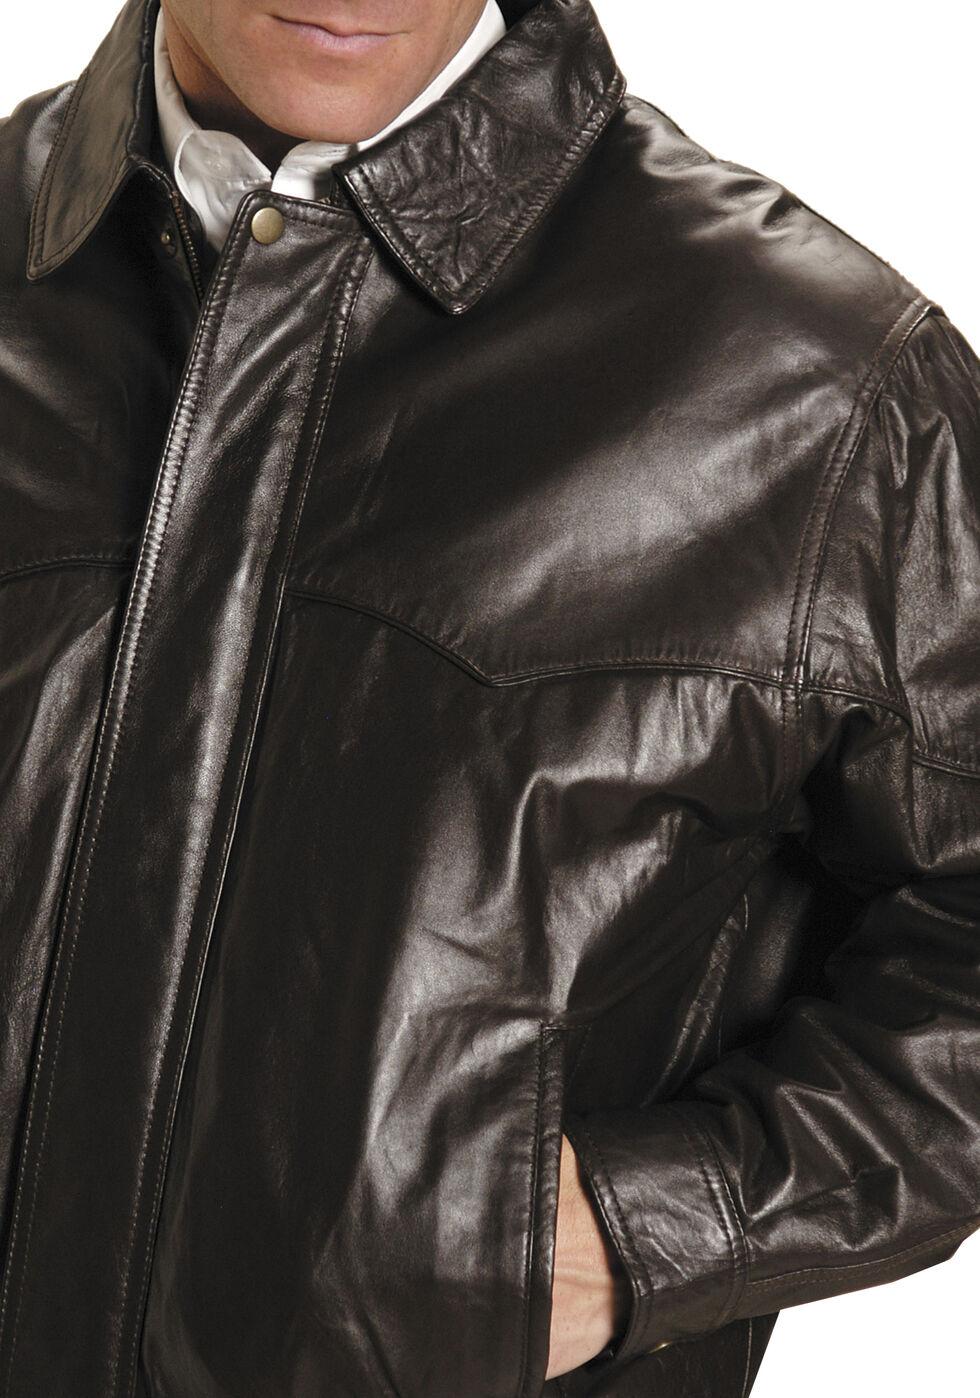 Roper Lamb Nappa Bomber Jacket - Big and Tall, Brown, hi-res